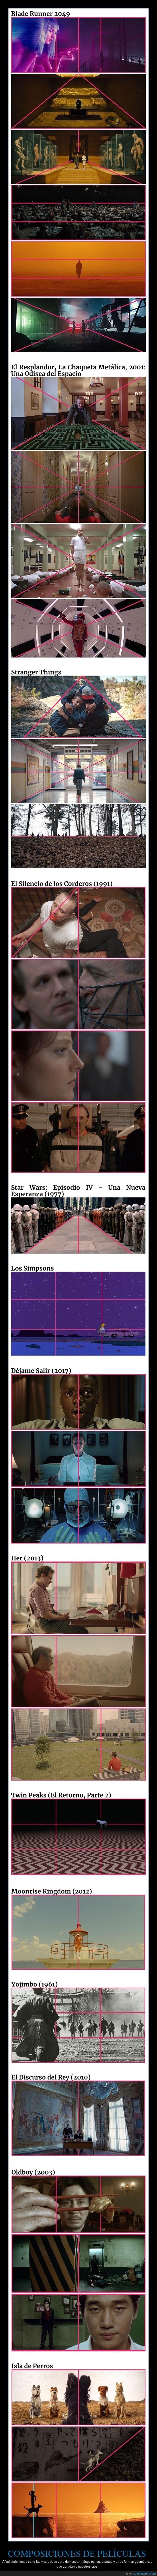 cine,composiciones,series